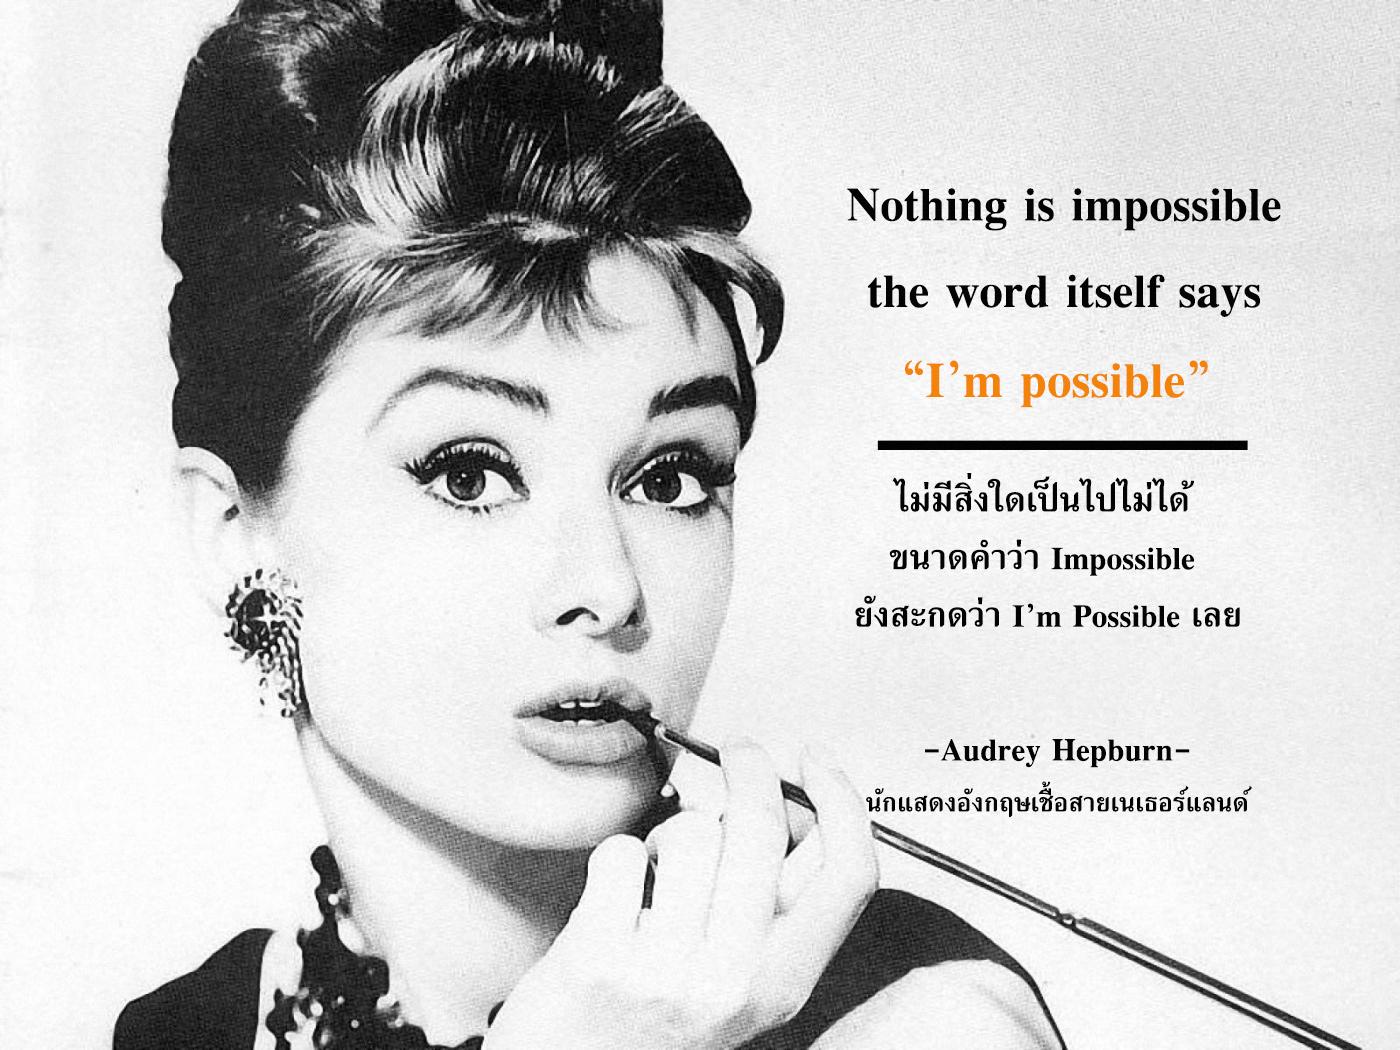 ไม่มีสิ่งใดเป็นไปไม่ได้ ขนาดคำว่า Impossible ยังสะกดว่า I'm Possible เลย